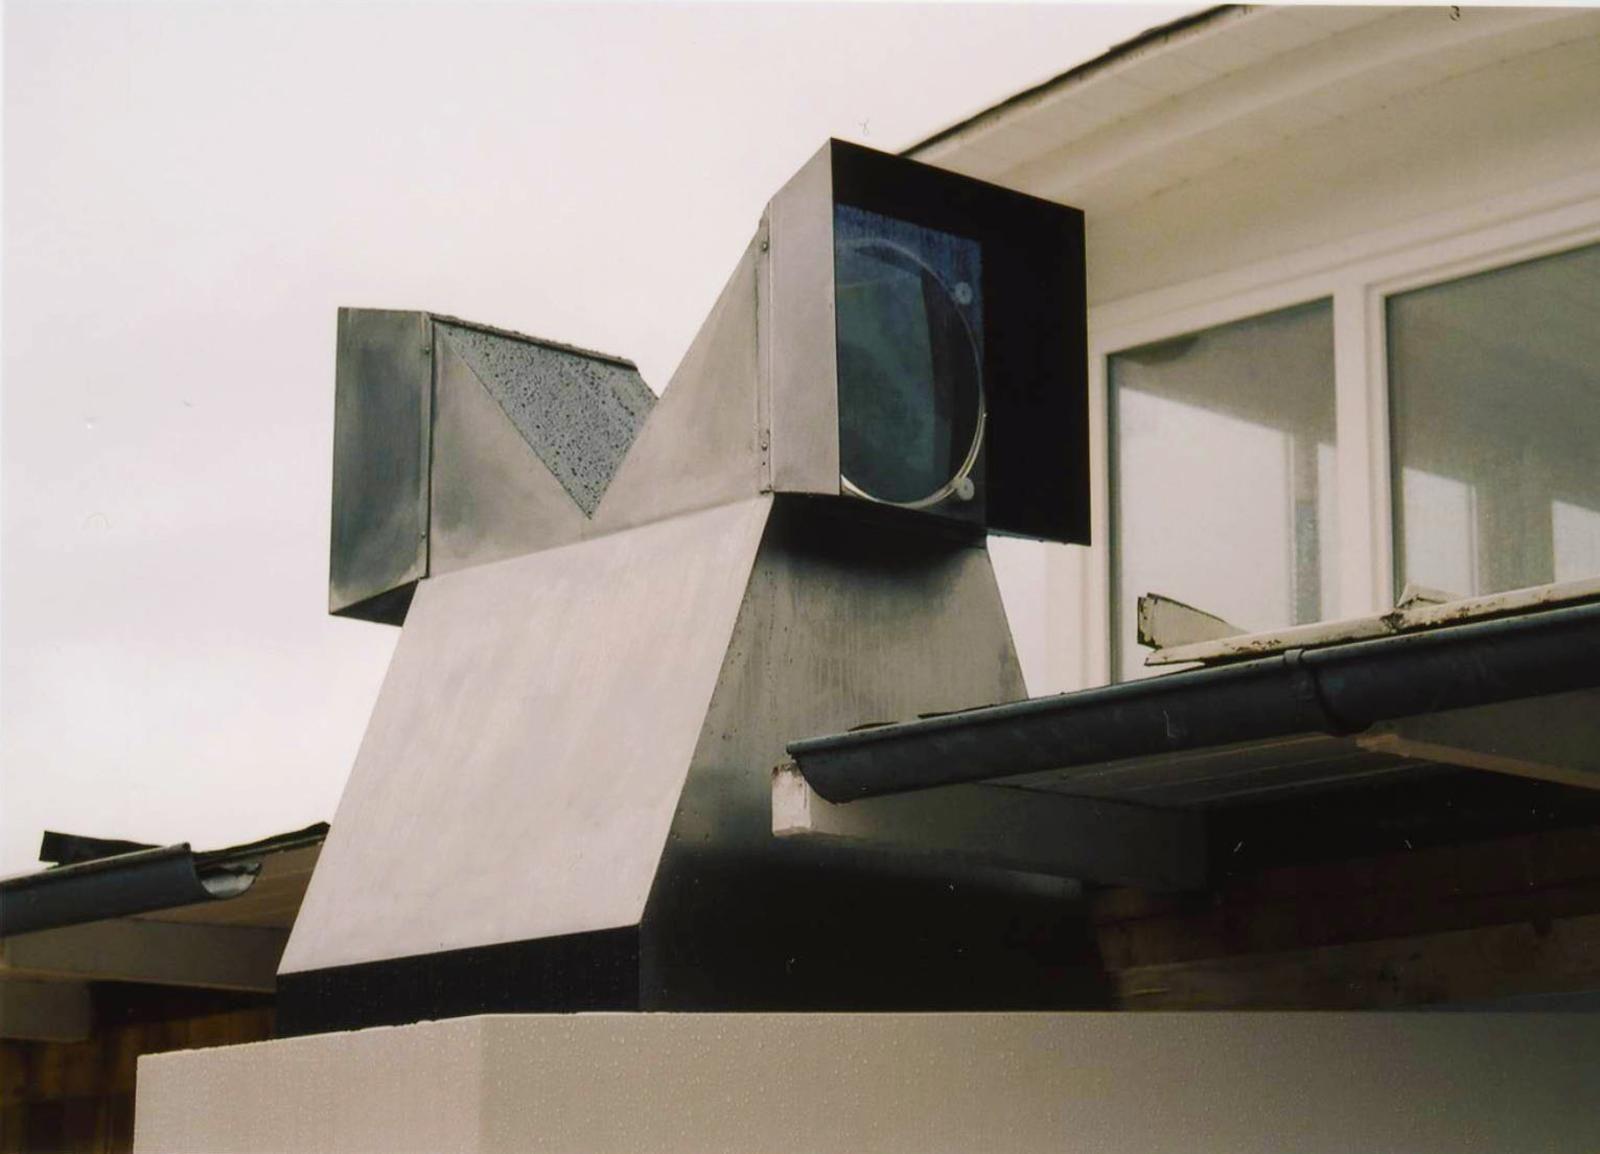 Camera Obscura Fur Di Artwork Studio Olafur Eliasson Camera Obscura Studio Olafur Eliasson Olafur Eliasson